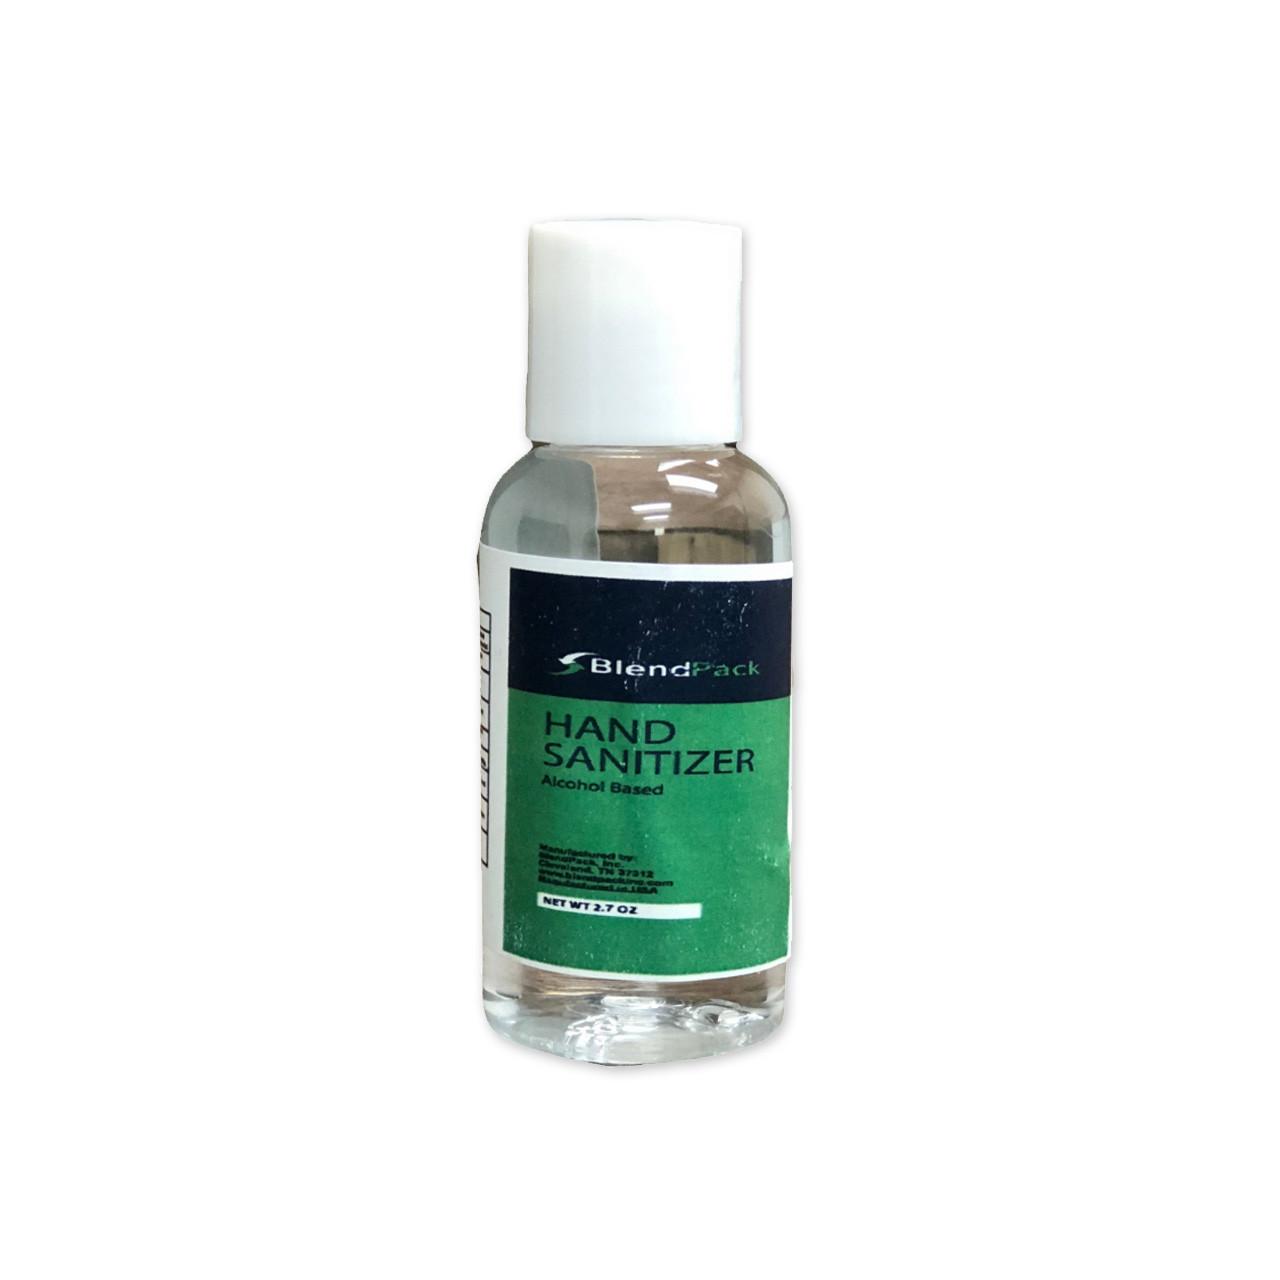 Hand Sanitizer - 2.7 oz